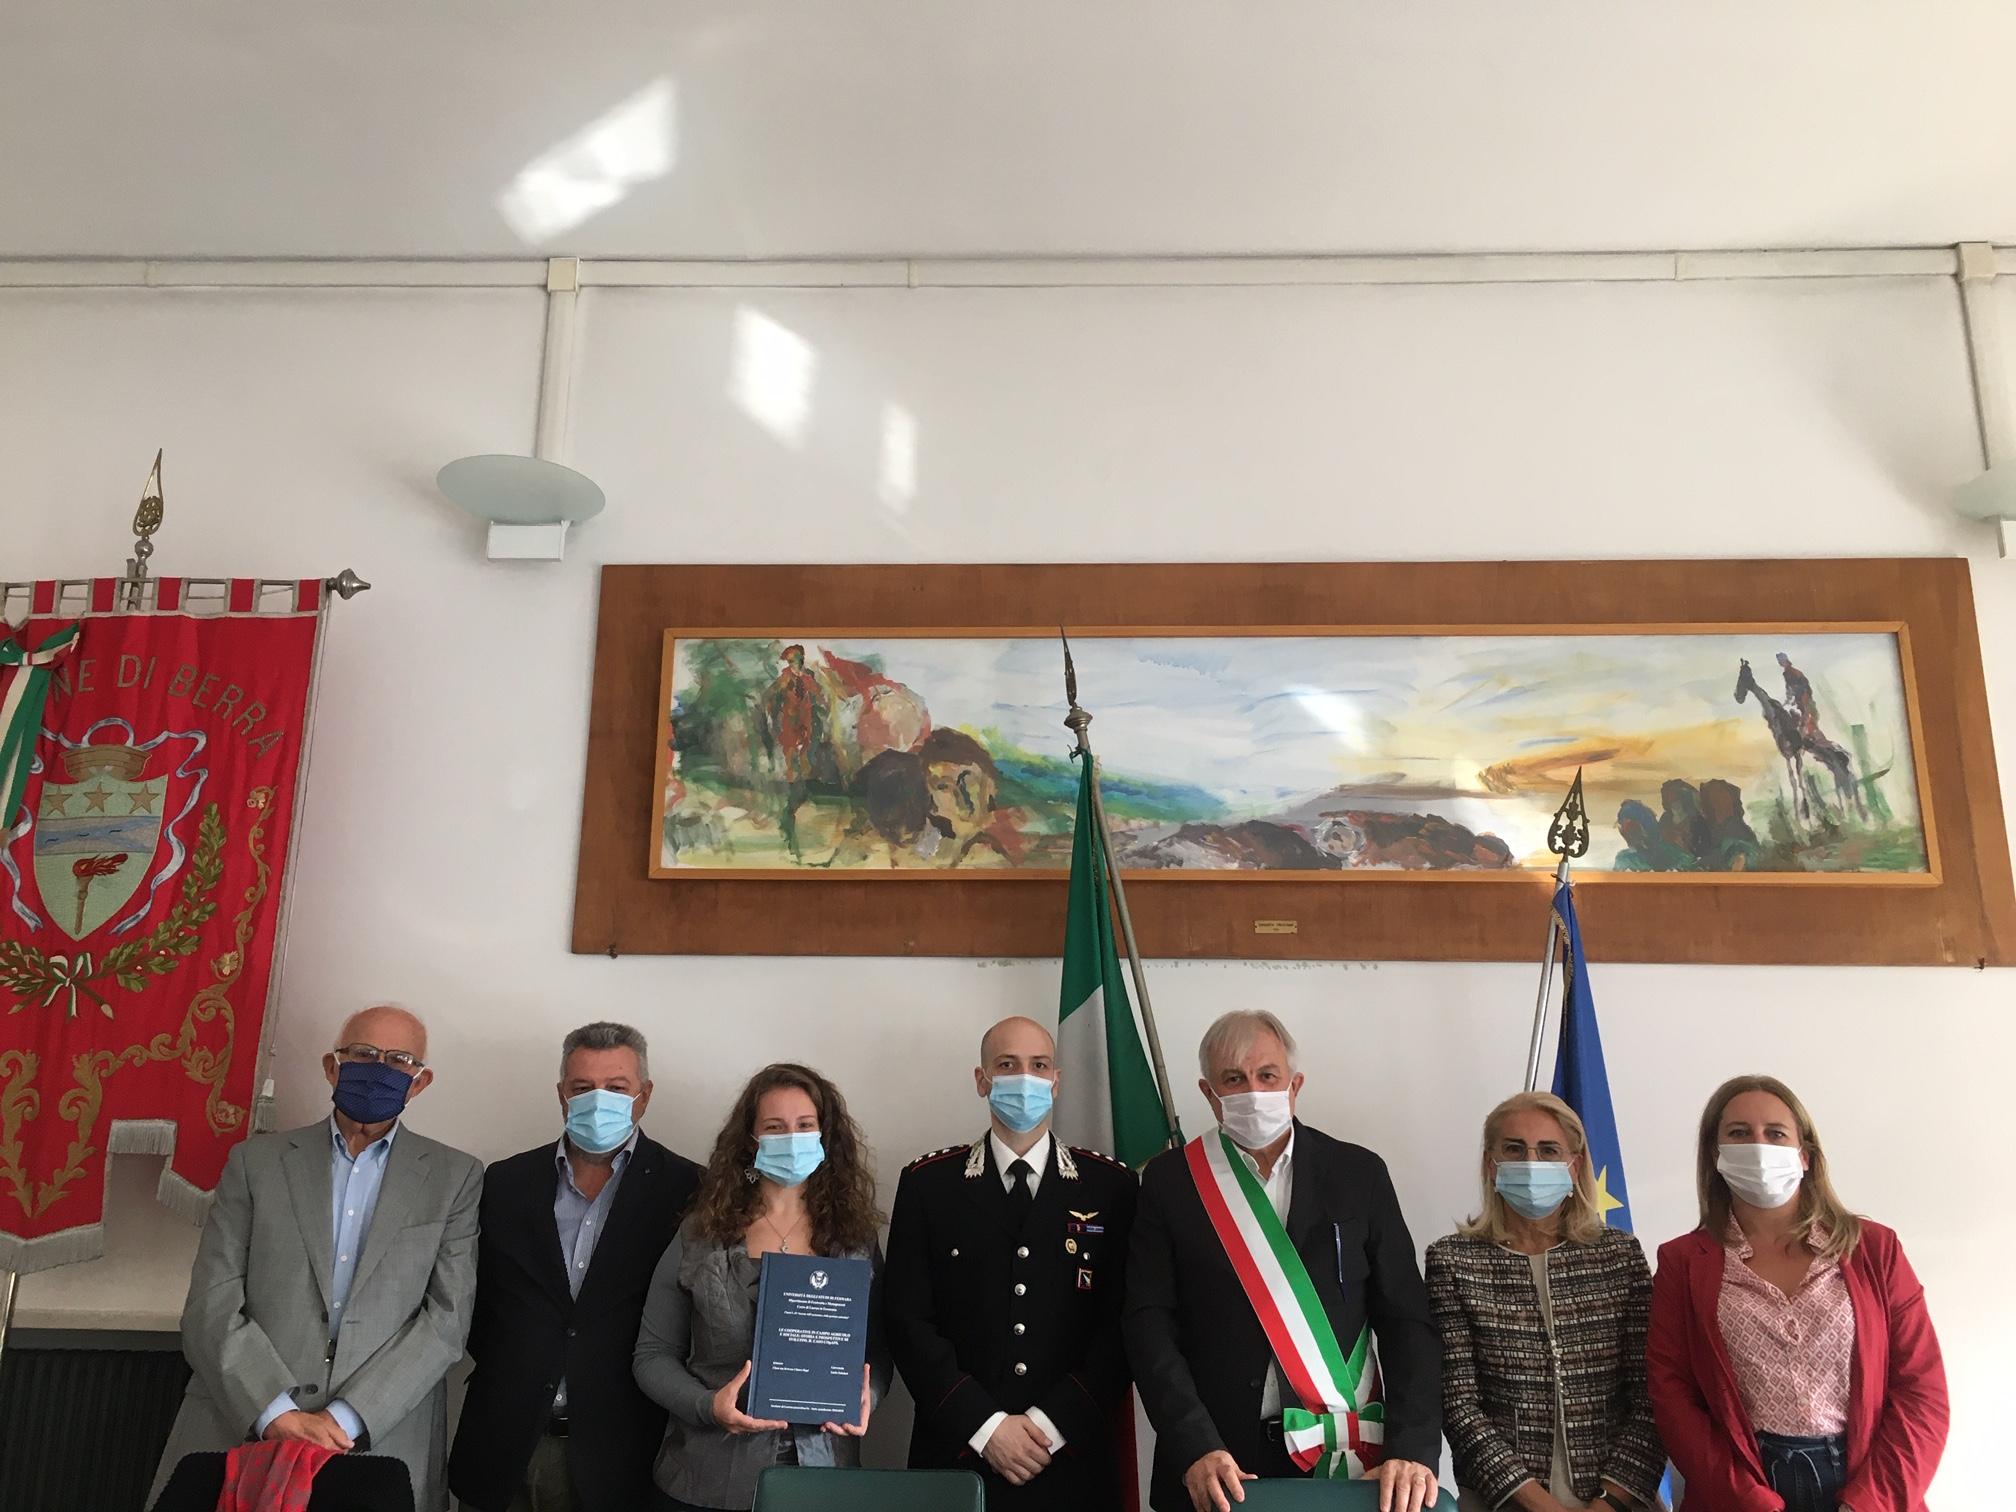 Premio Curina 2020: assegnata la borsa di studio che premia la miglior tesi sul mondo cooperativo